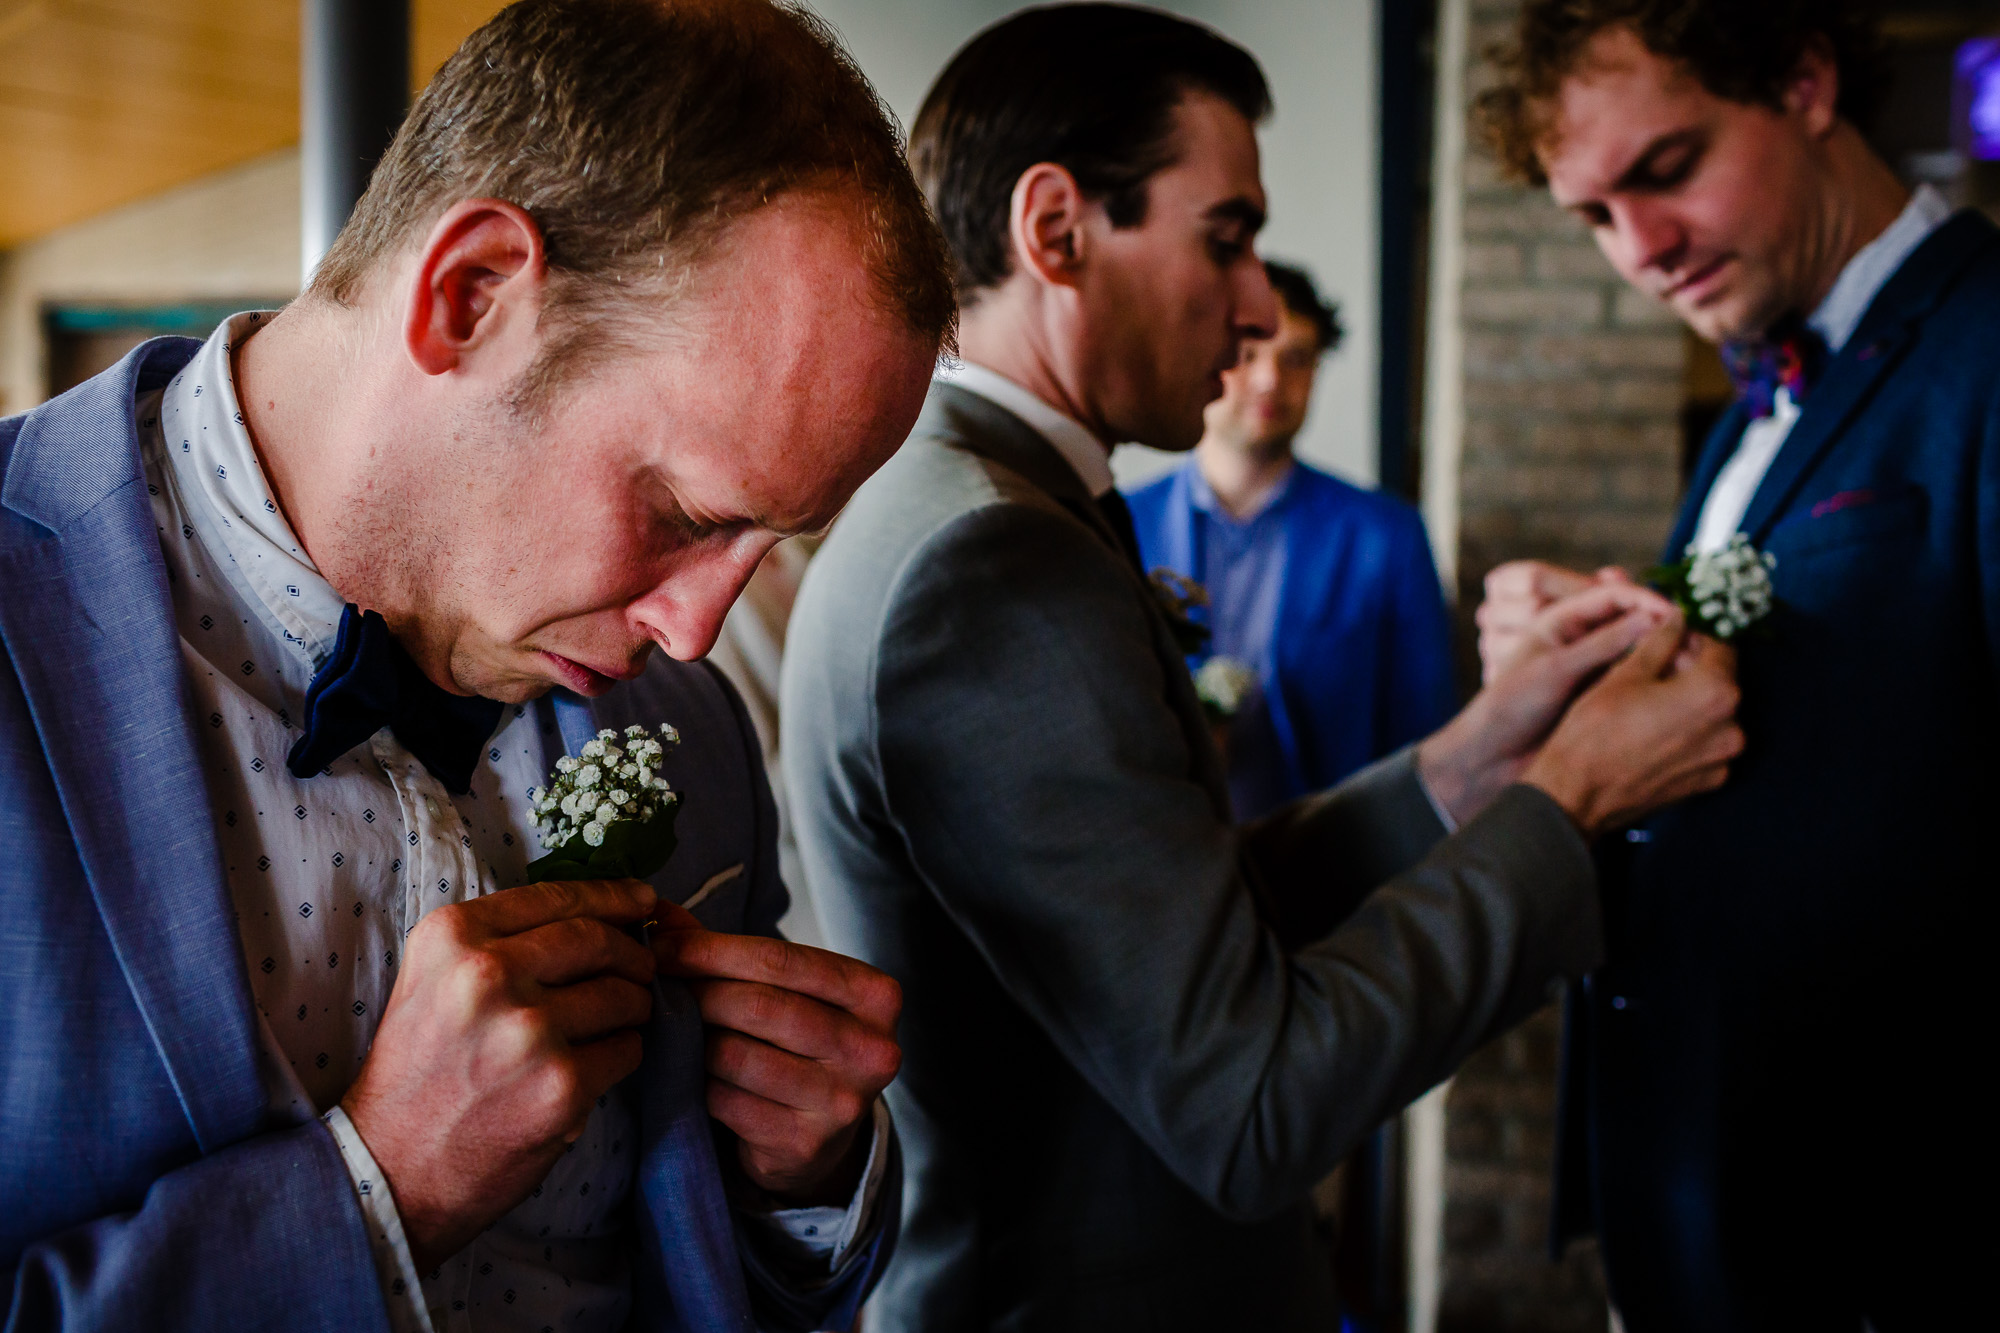 Trouwen op een eiland | Bruidsfotograaf Friesland | Ongeposeerde bruidsfotografie | Trouwen op de wadden | Let Me Tell Your Story